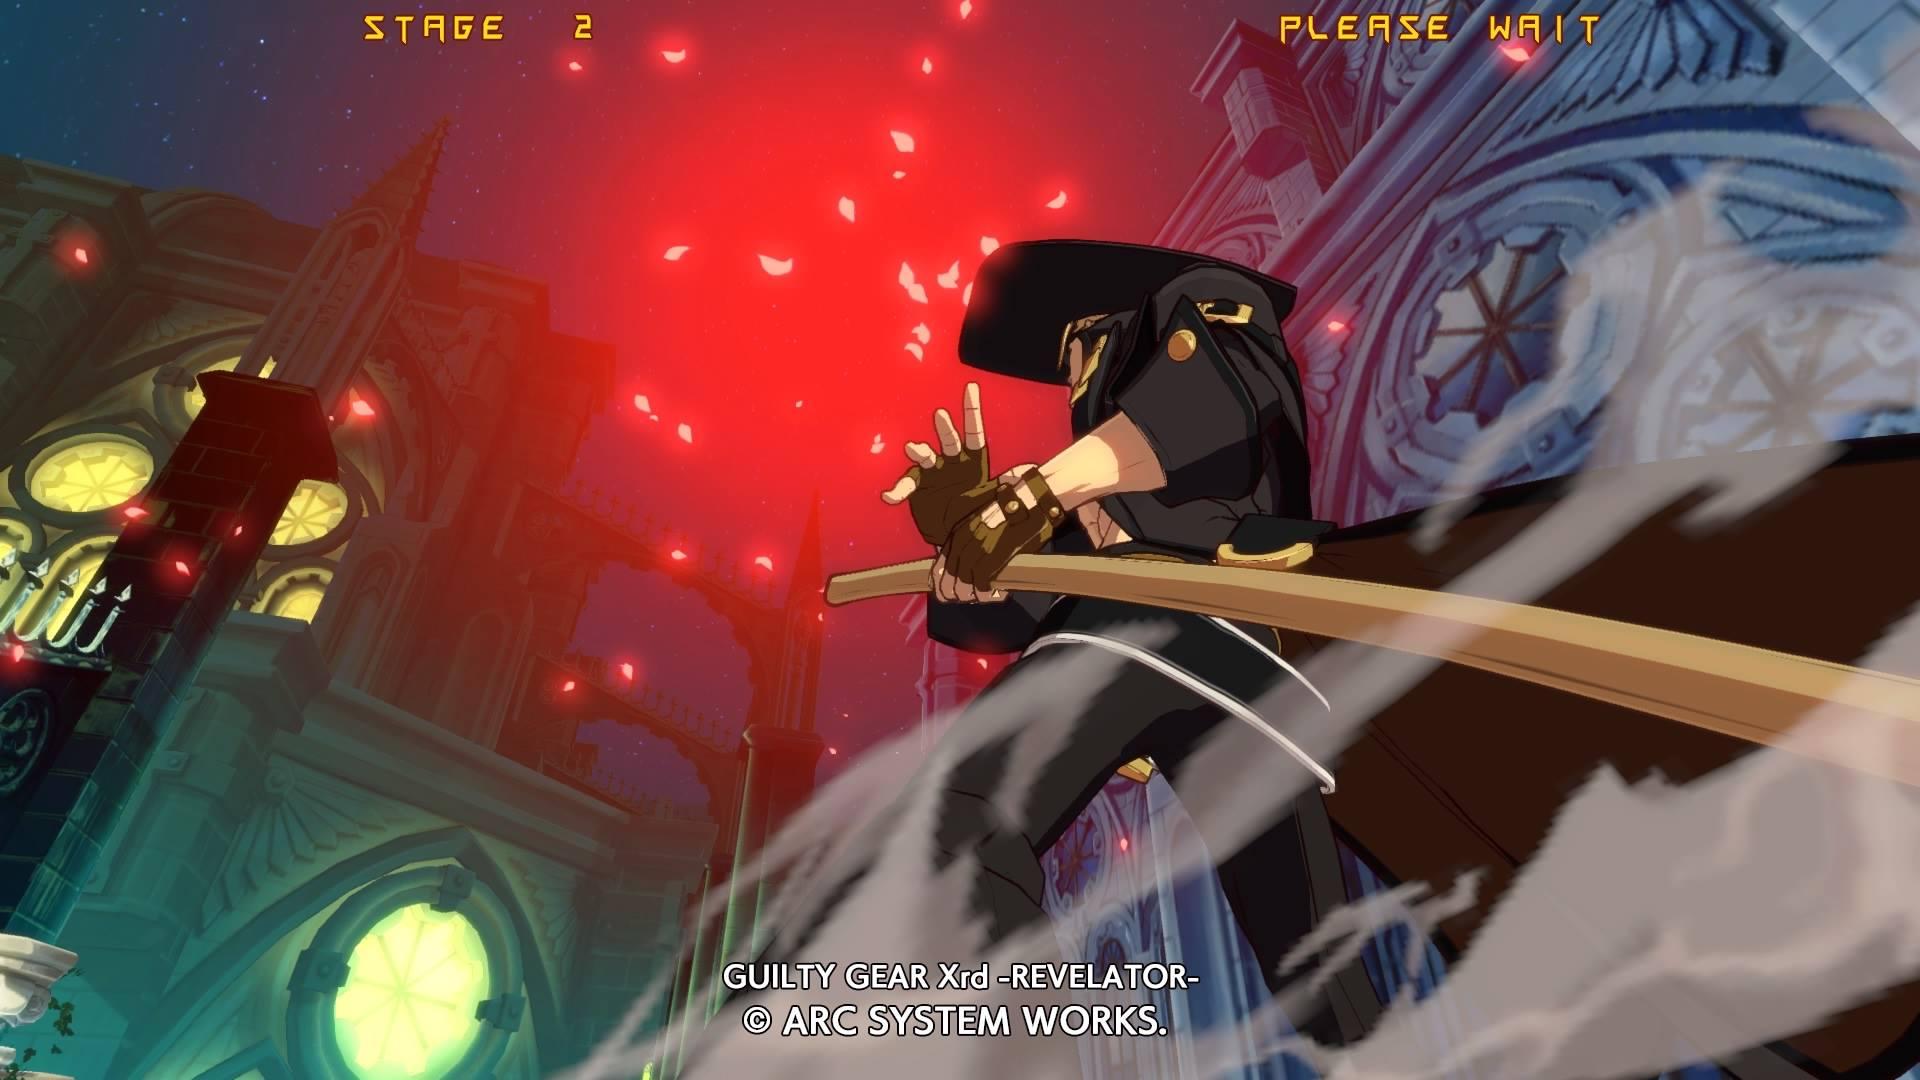 Review Guilty Gear Xrd Revelator Oprainfall